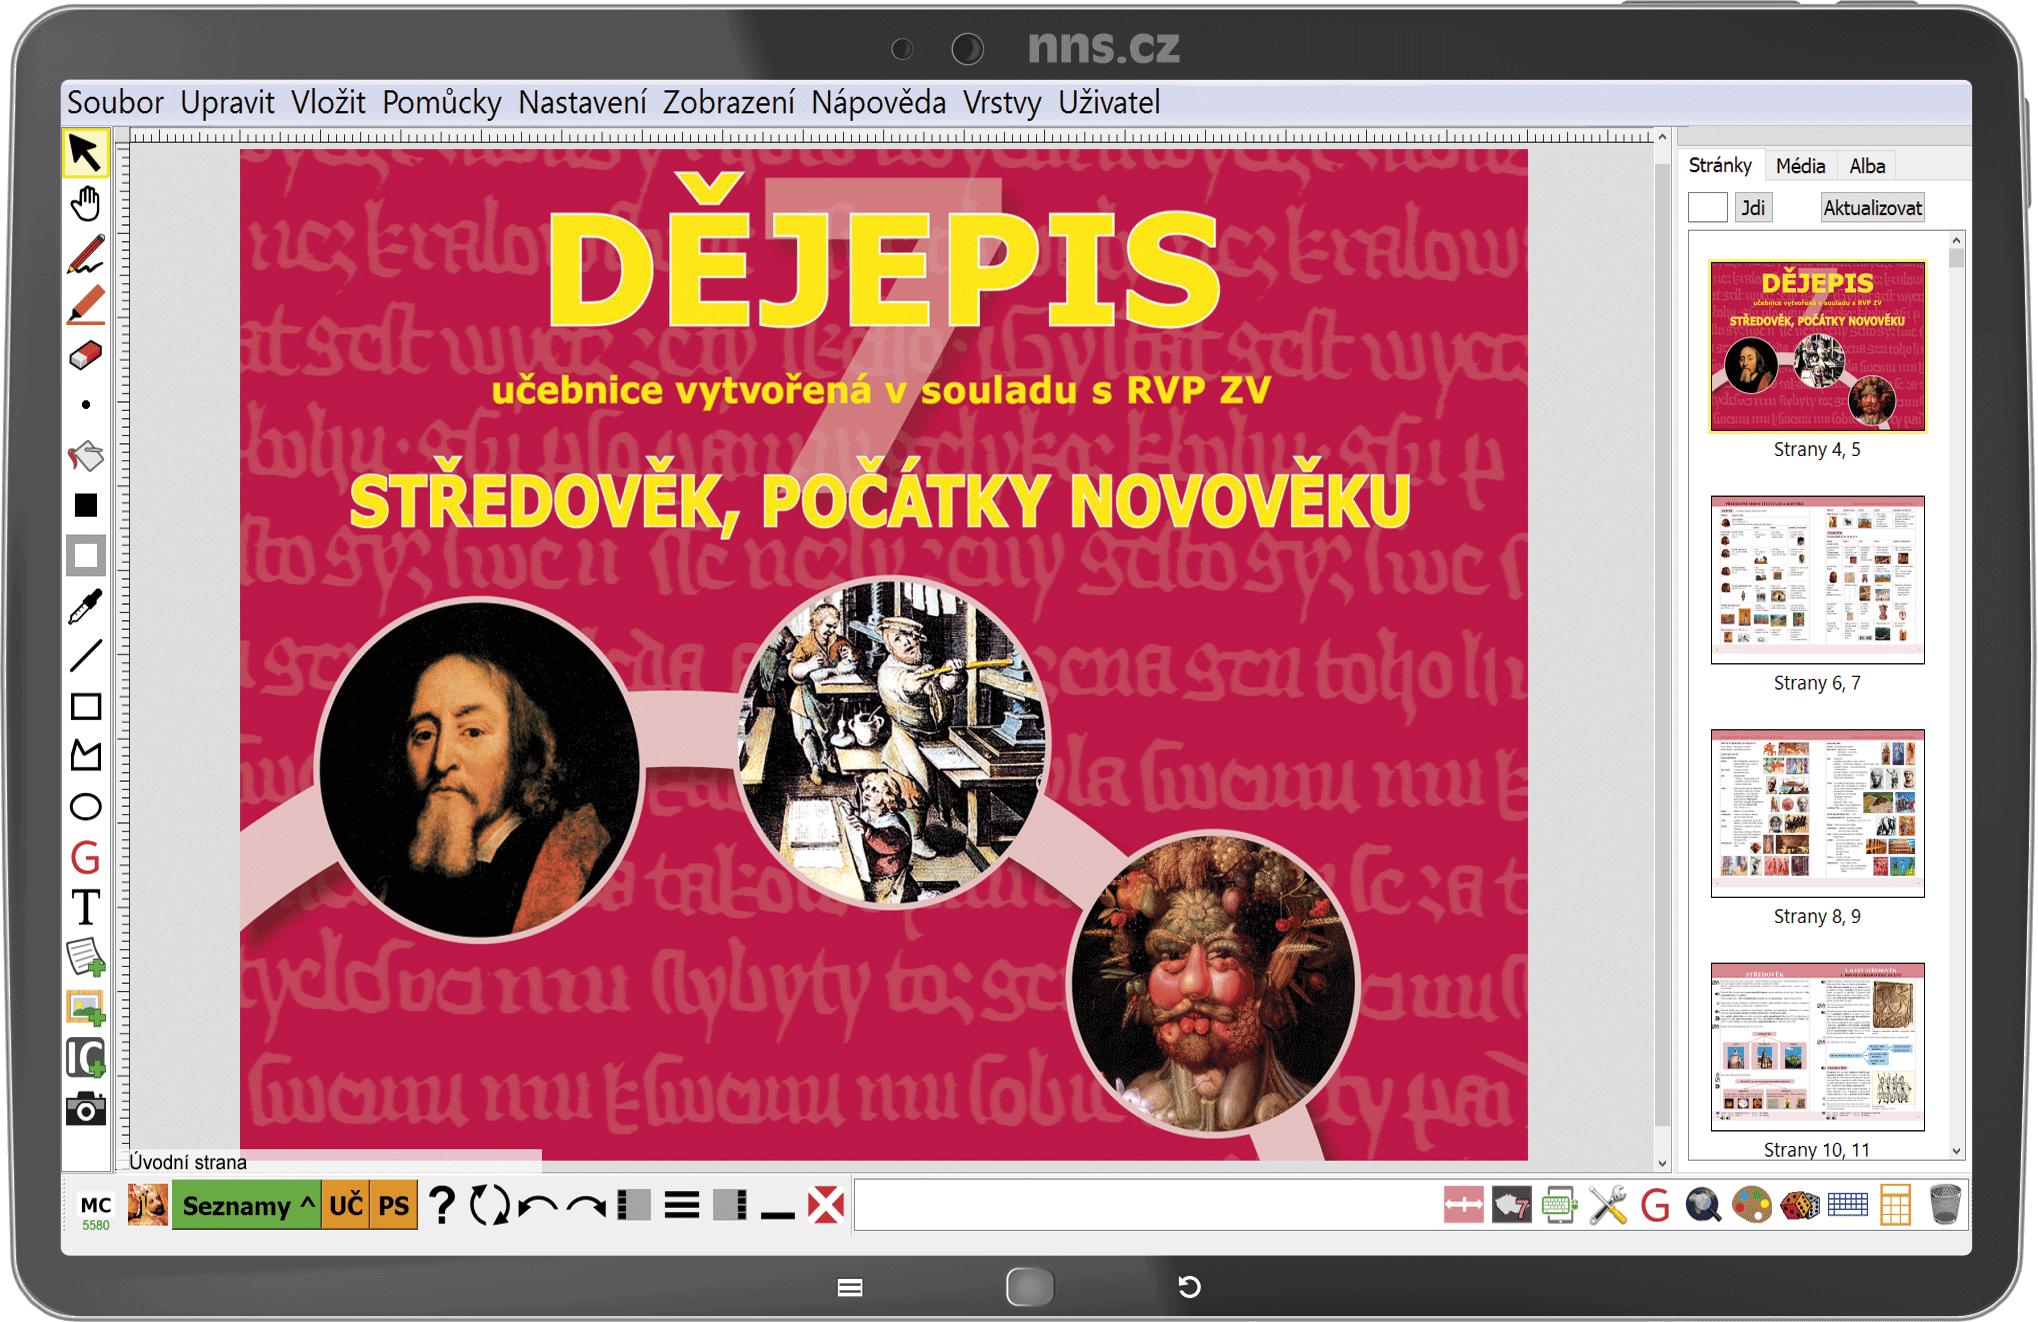 MIUč+ Dějepis 7 - Středověk, počátky novověku – školní licence pro 1 učitele na 1 školní rok